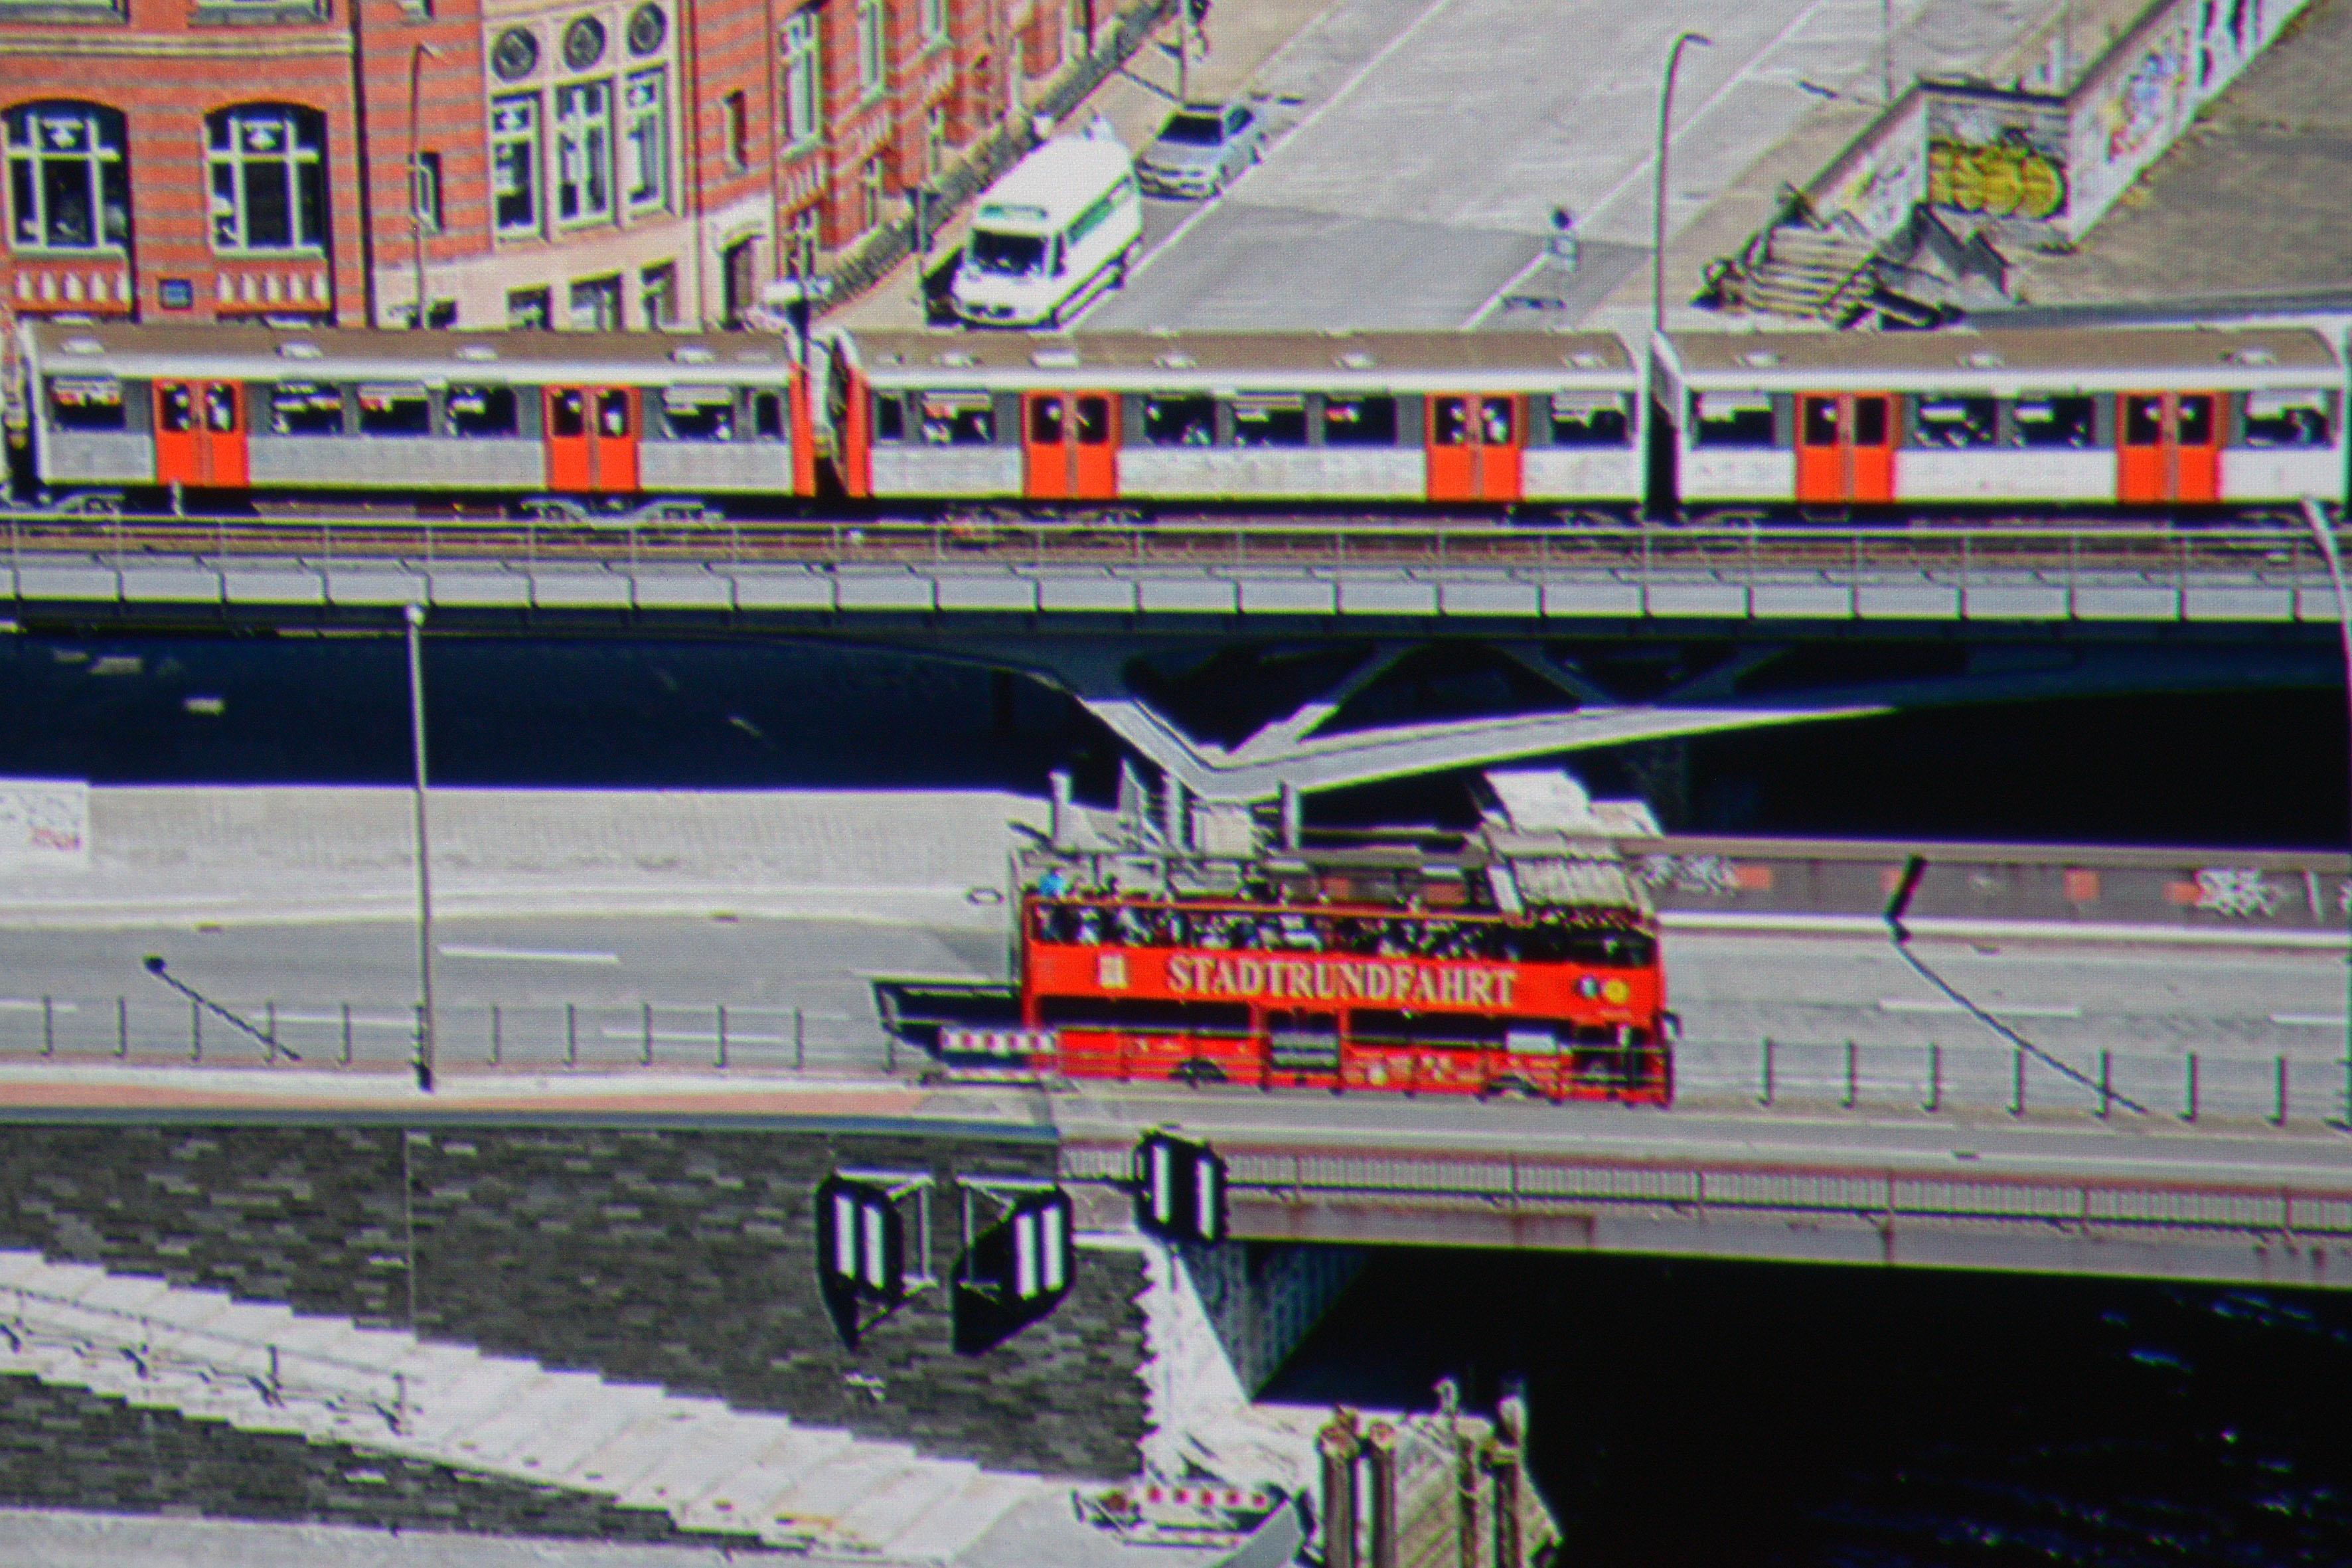 """JVC DLA-X7900 Der Schriftzug """"Stadtrundfahrt"""" wird vollständig dargestellt. Das Hamburg Wappen links daneben erscheint zwar mit Originalfarbe, aber aufgrund der Auflösung wird es nicht komplett abgebildet."""